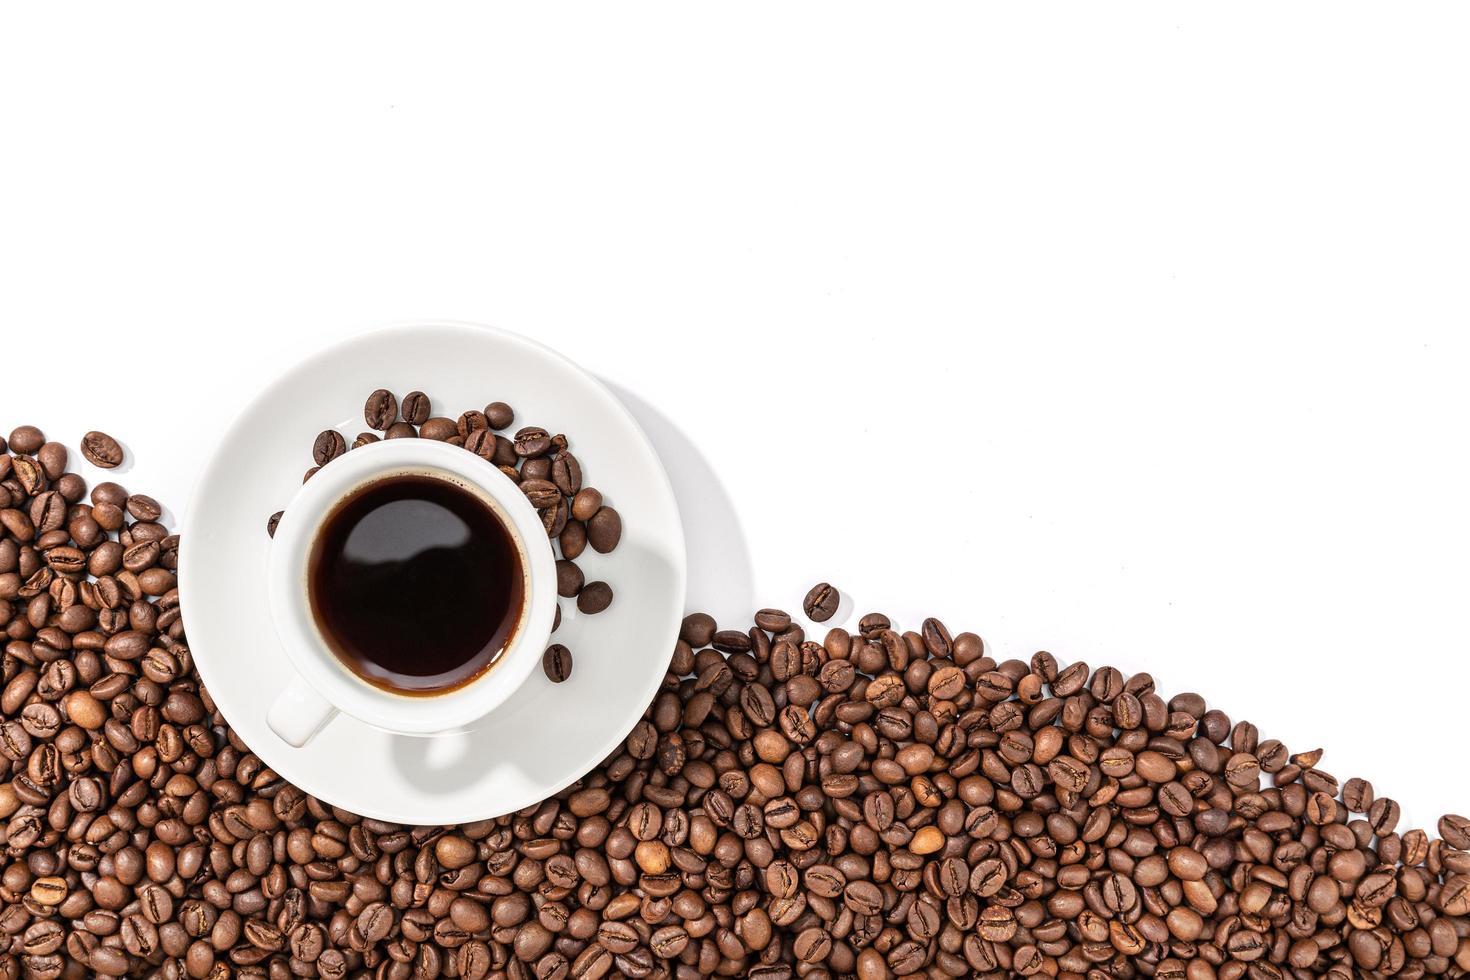 tazza di caffè espresso e fagioli tostati su sfondo bianco foto